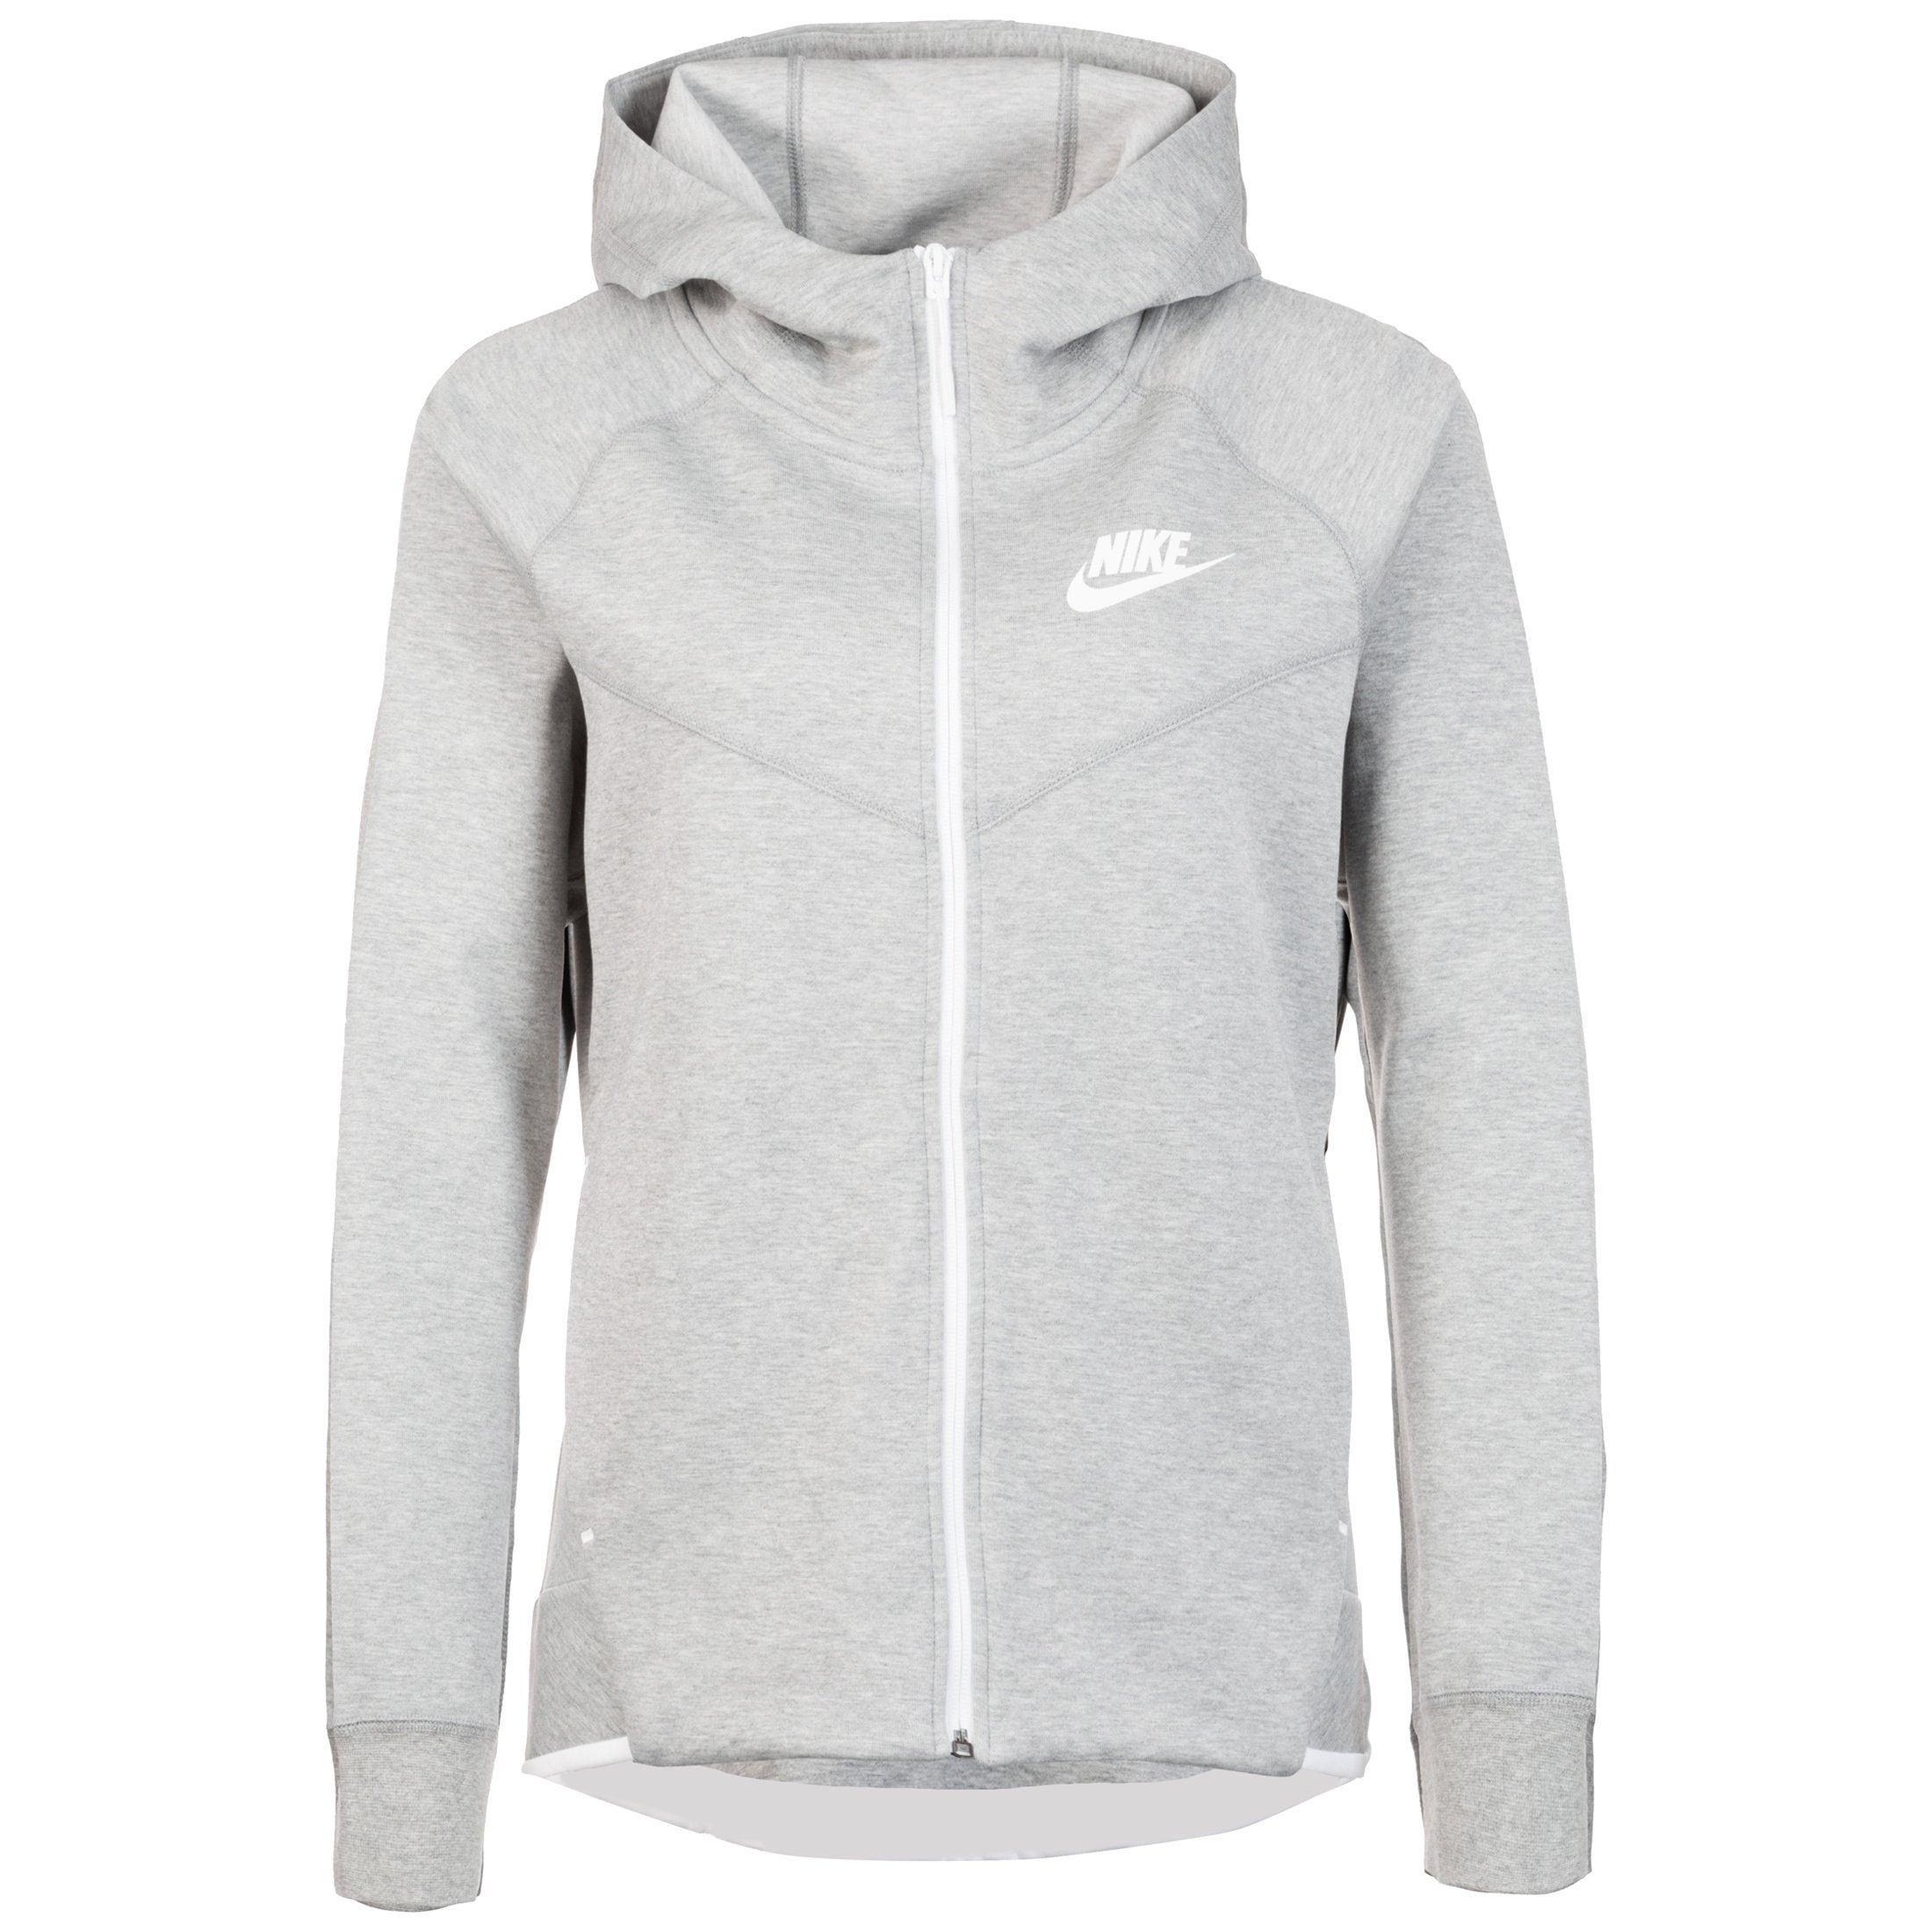 Nike Sportswear Kapuzensweatjacke Tech Fleece Windrunner | Sportbekleidung > Sportjacken > Sonstige Sportjacken | Grau | Nike Sportswear